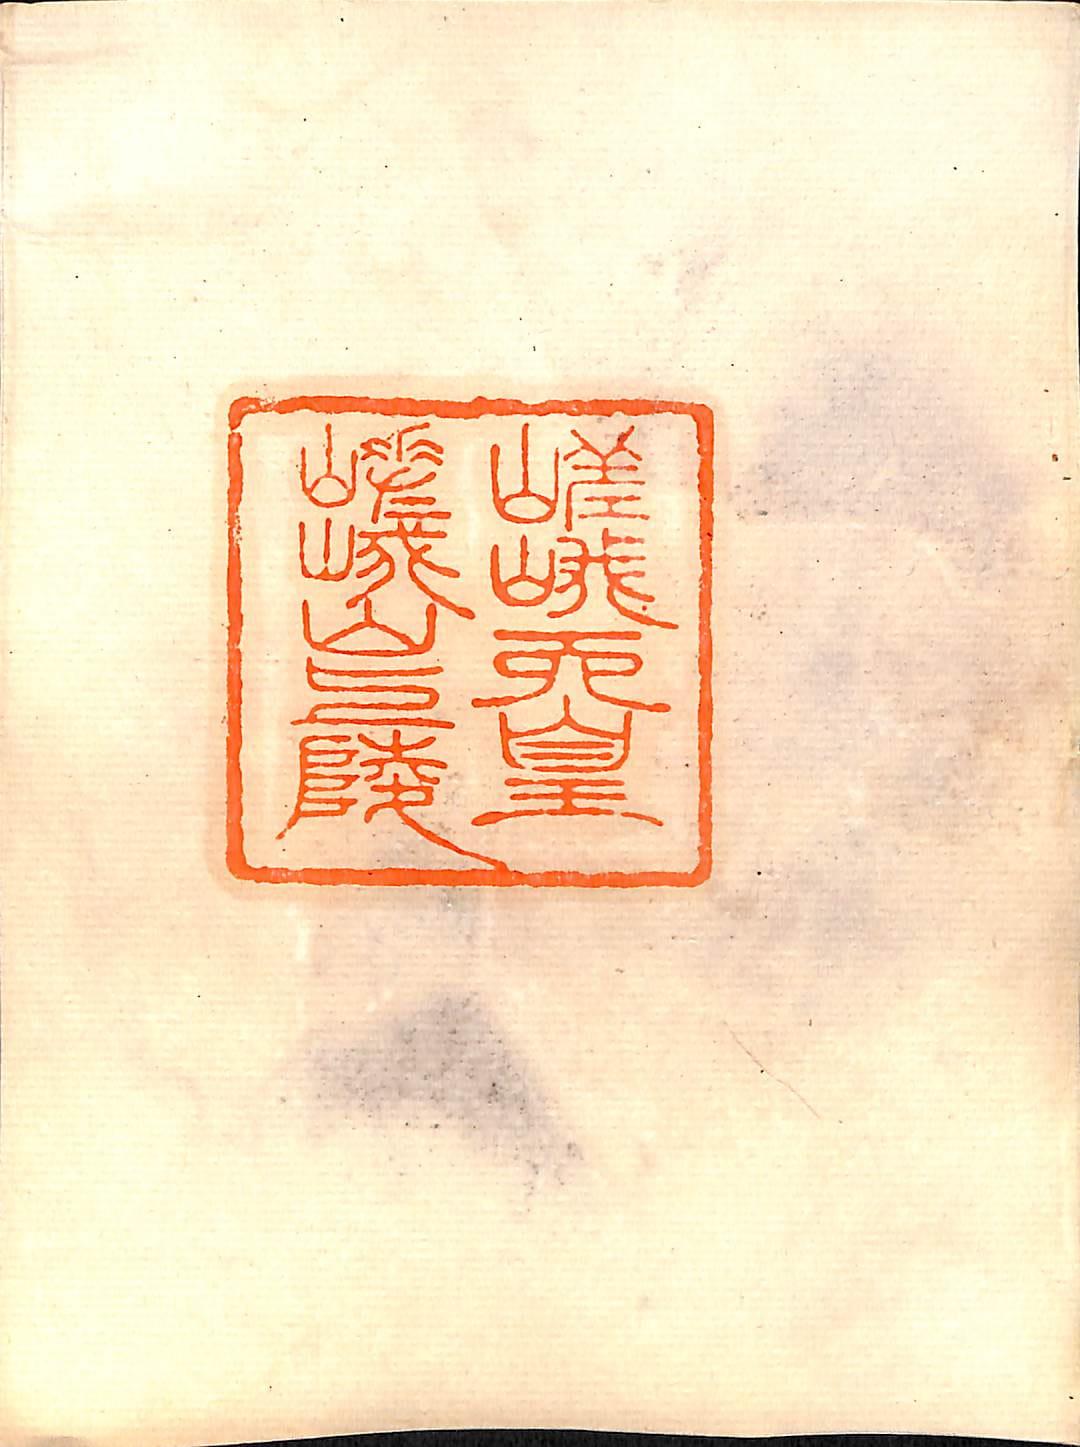 52代嵯峨天皇嵯峨山上陵 | 令和博物館